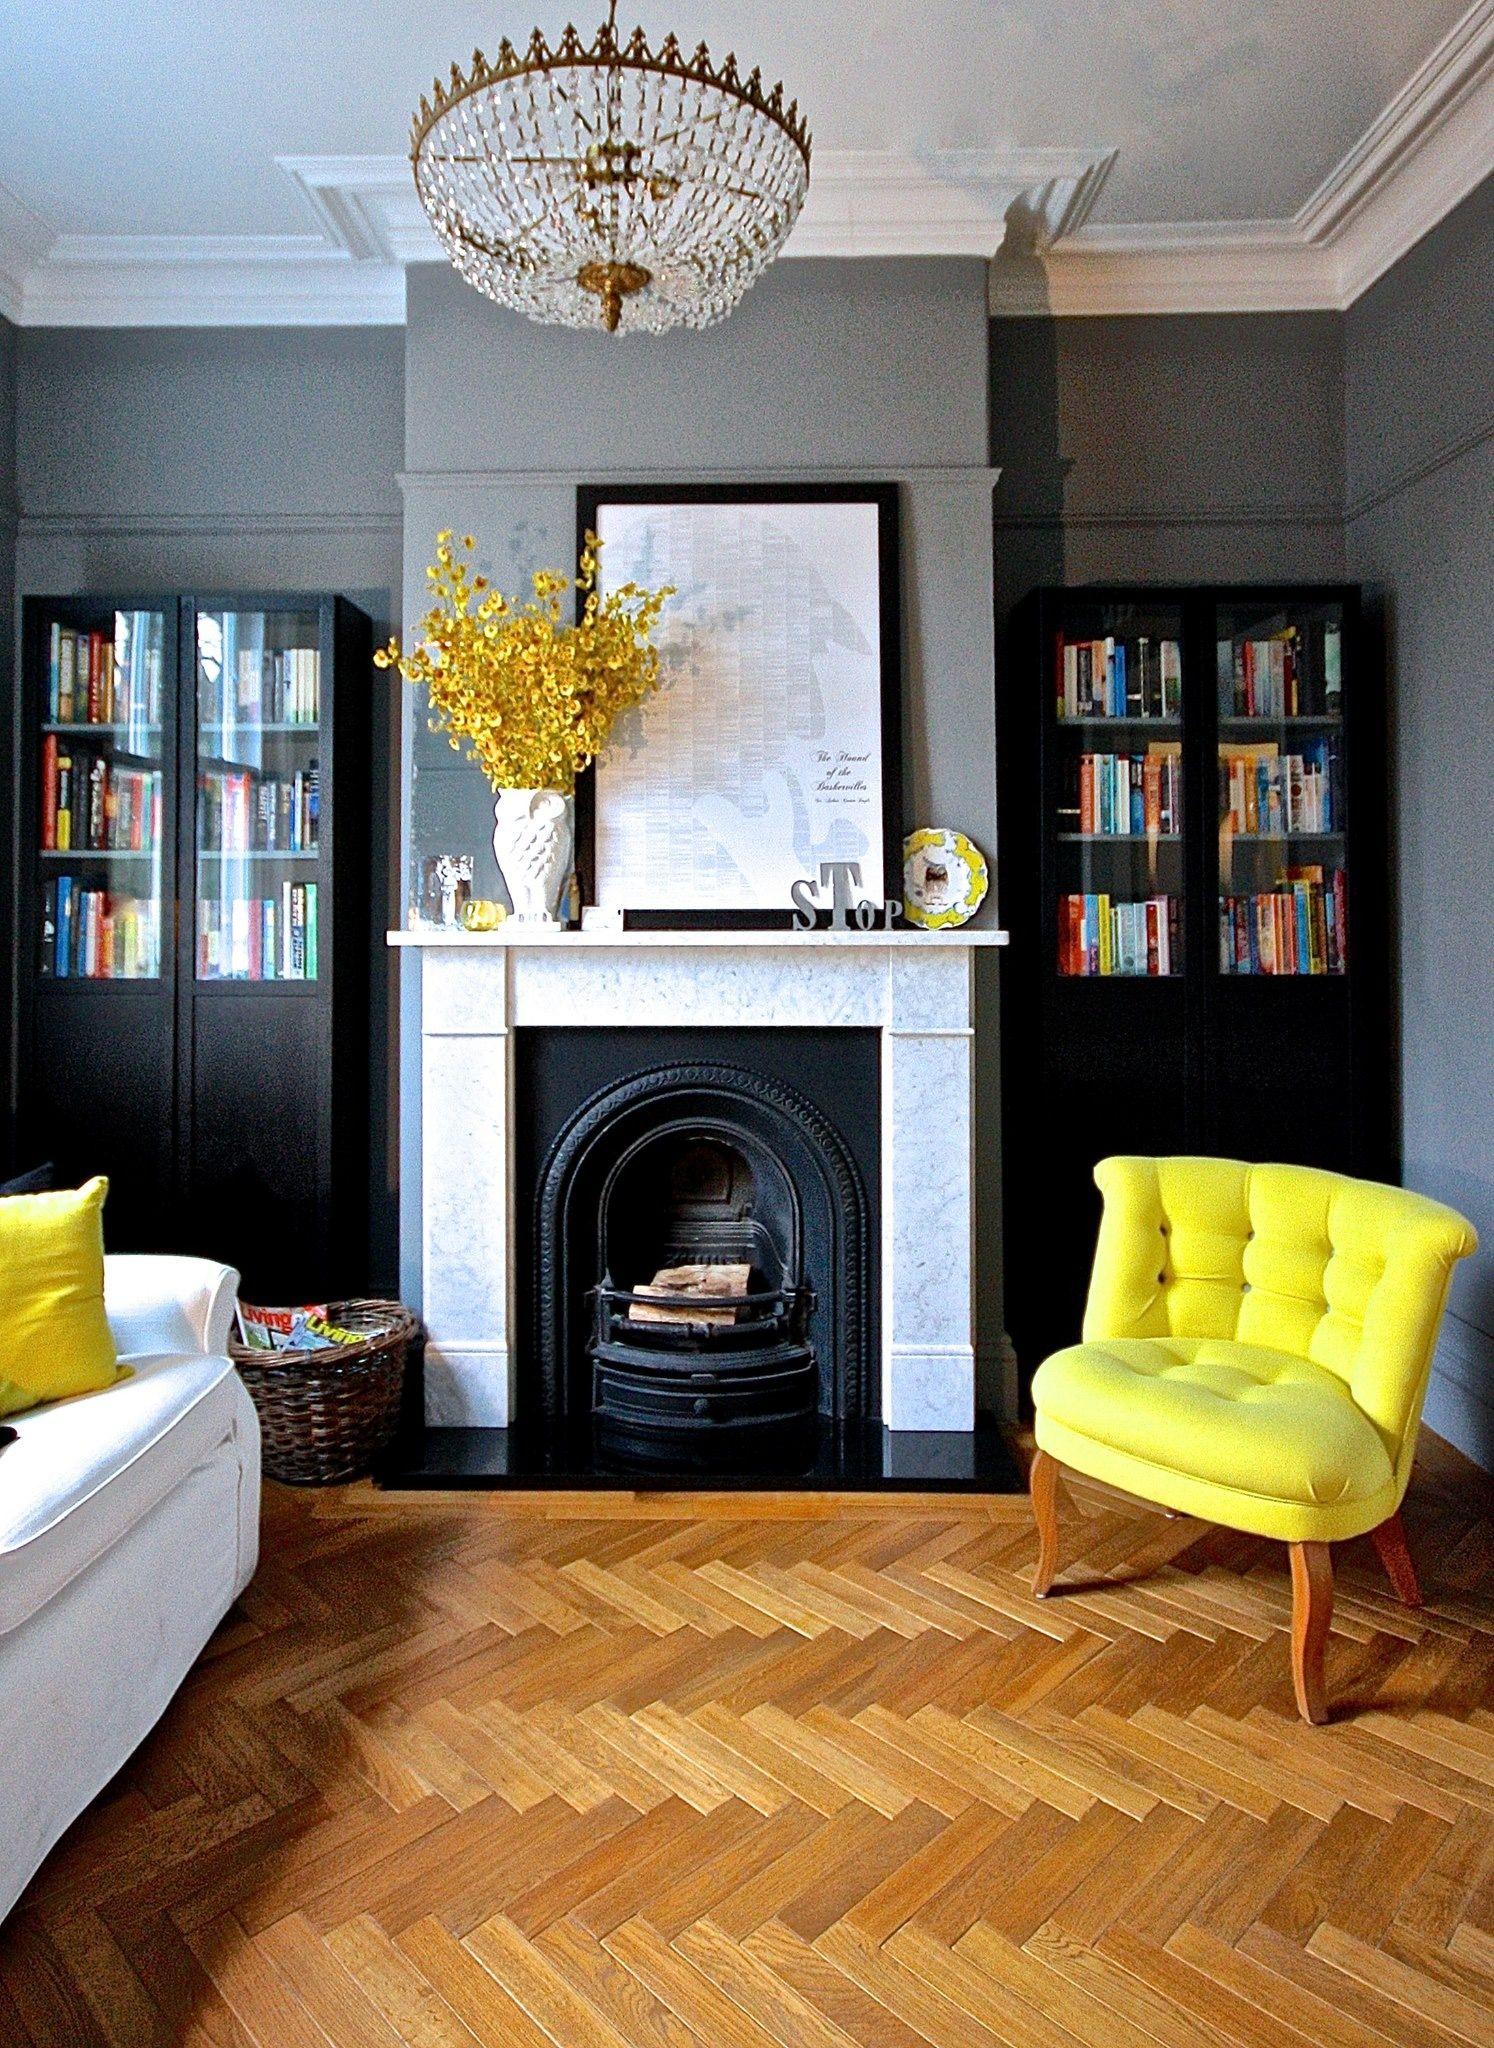 fauteuil color sur mur anthracite avec chemin e coin lecture pinterest chemin e. Black Bedroom Furniture Sets. Home Design Ideas